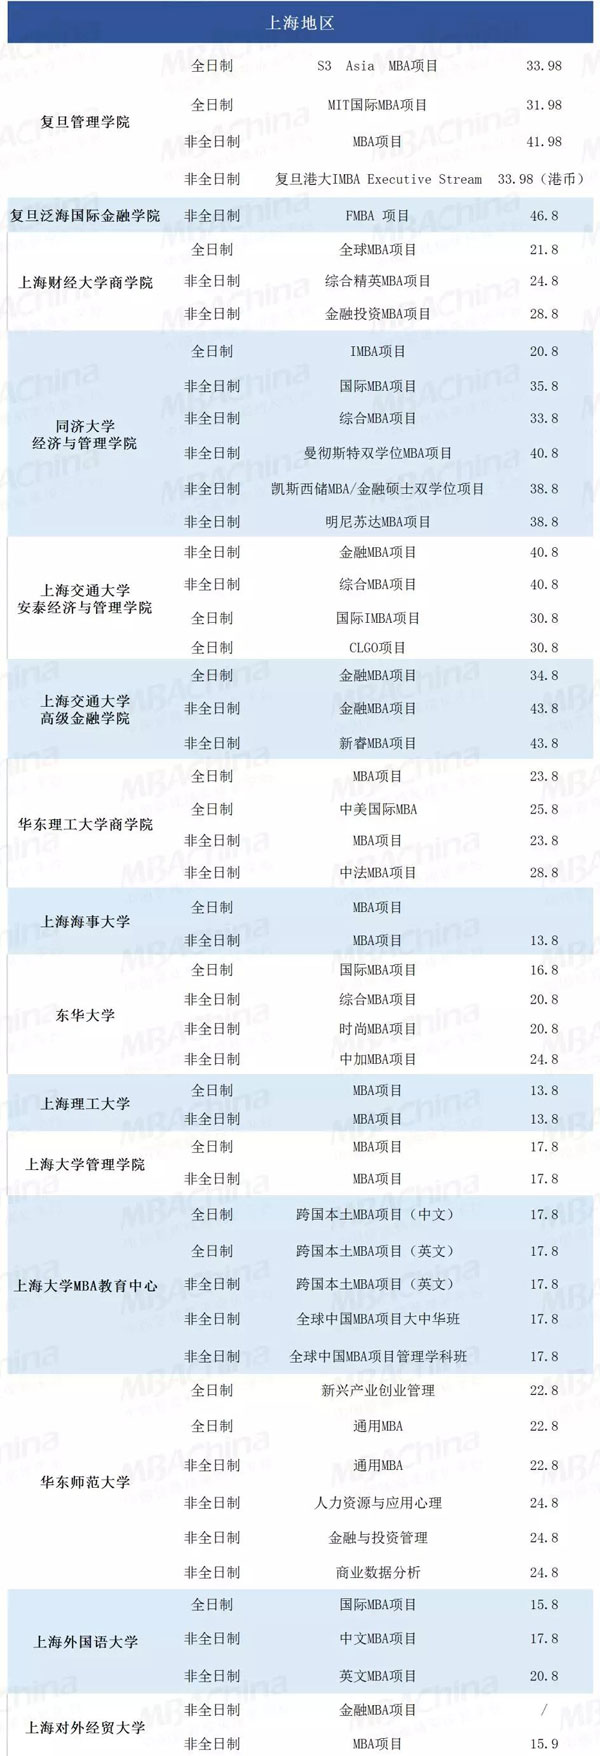 上海MBA项目学费_01.jpg